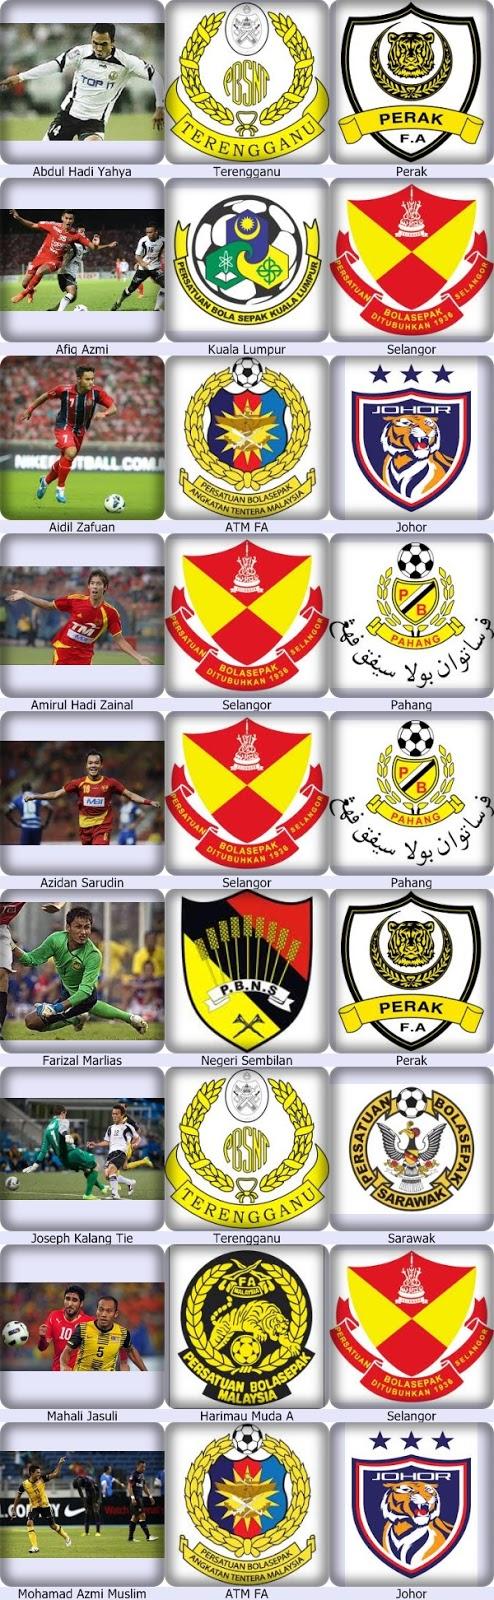 Bola Sepak : Perpindahan Pemain Liga Super 2013